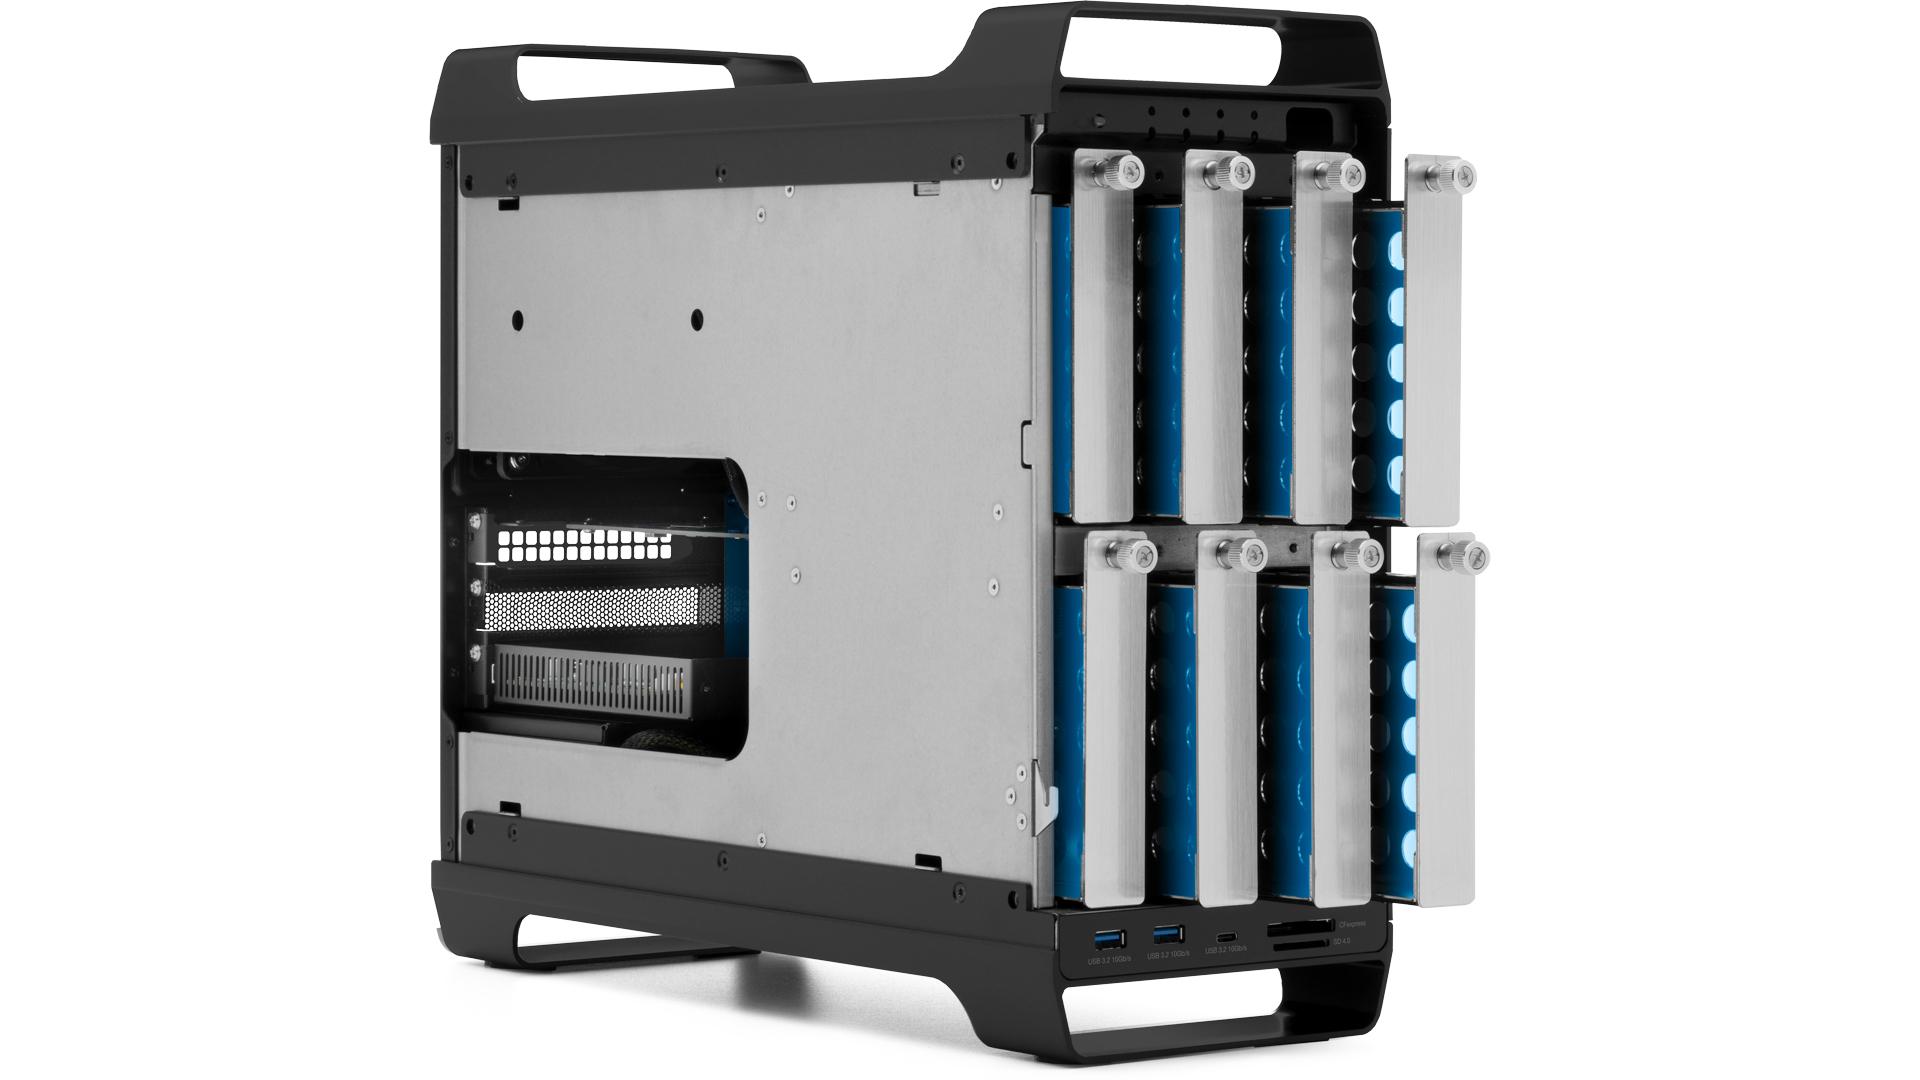 thunderbay flex 8 Thunderbolt 3 raid storage